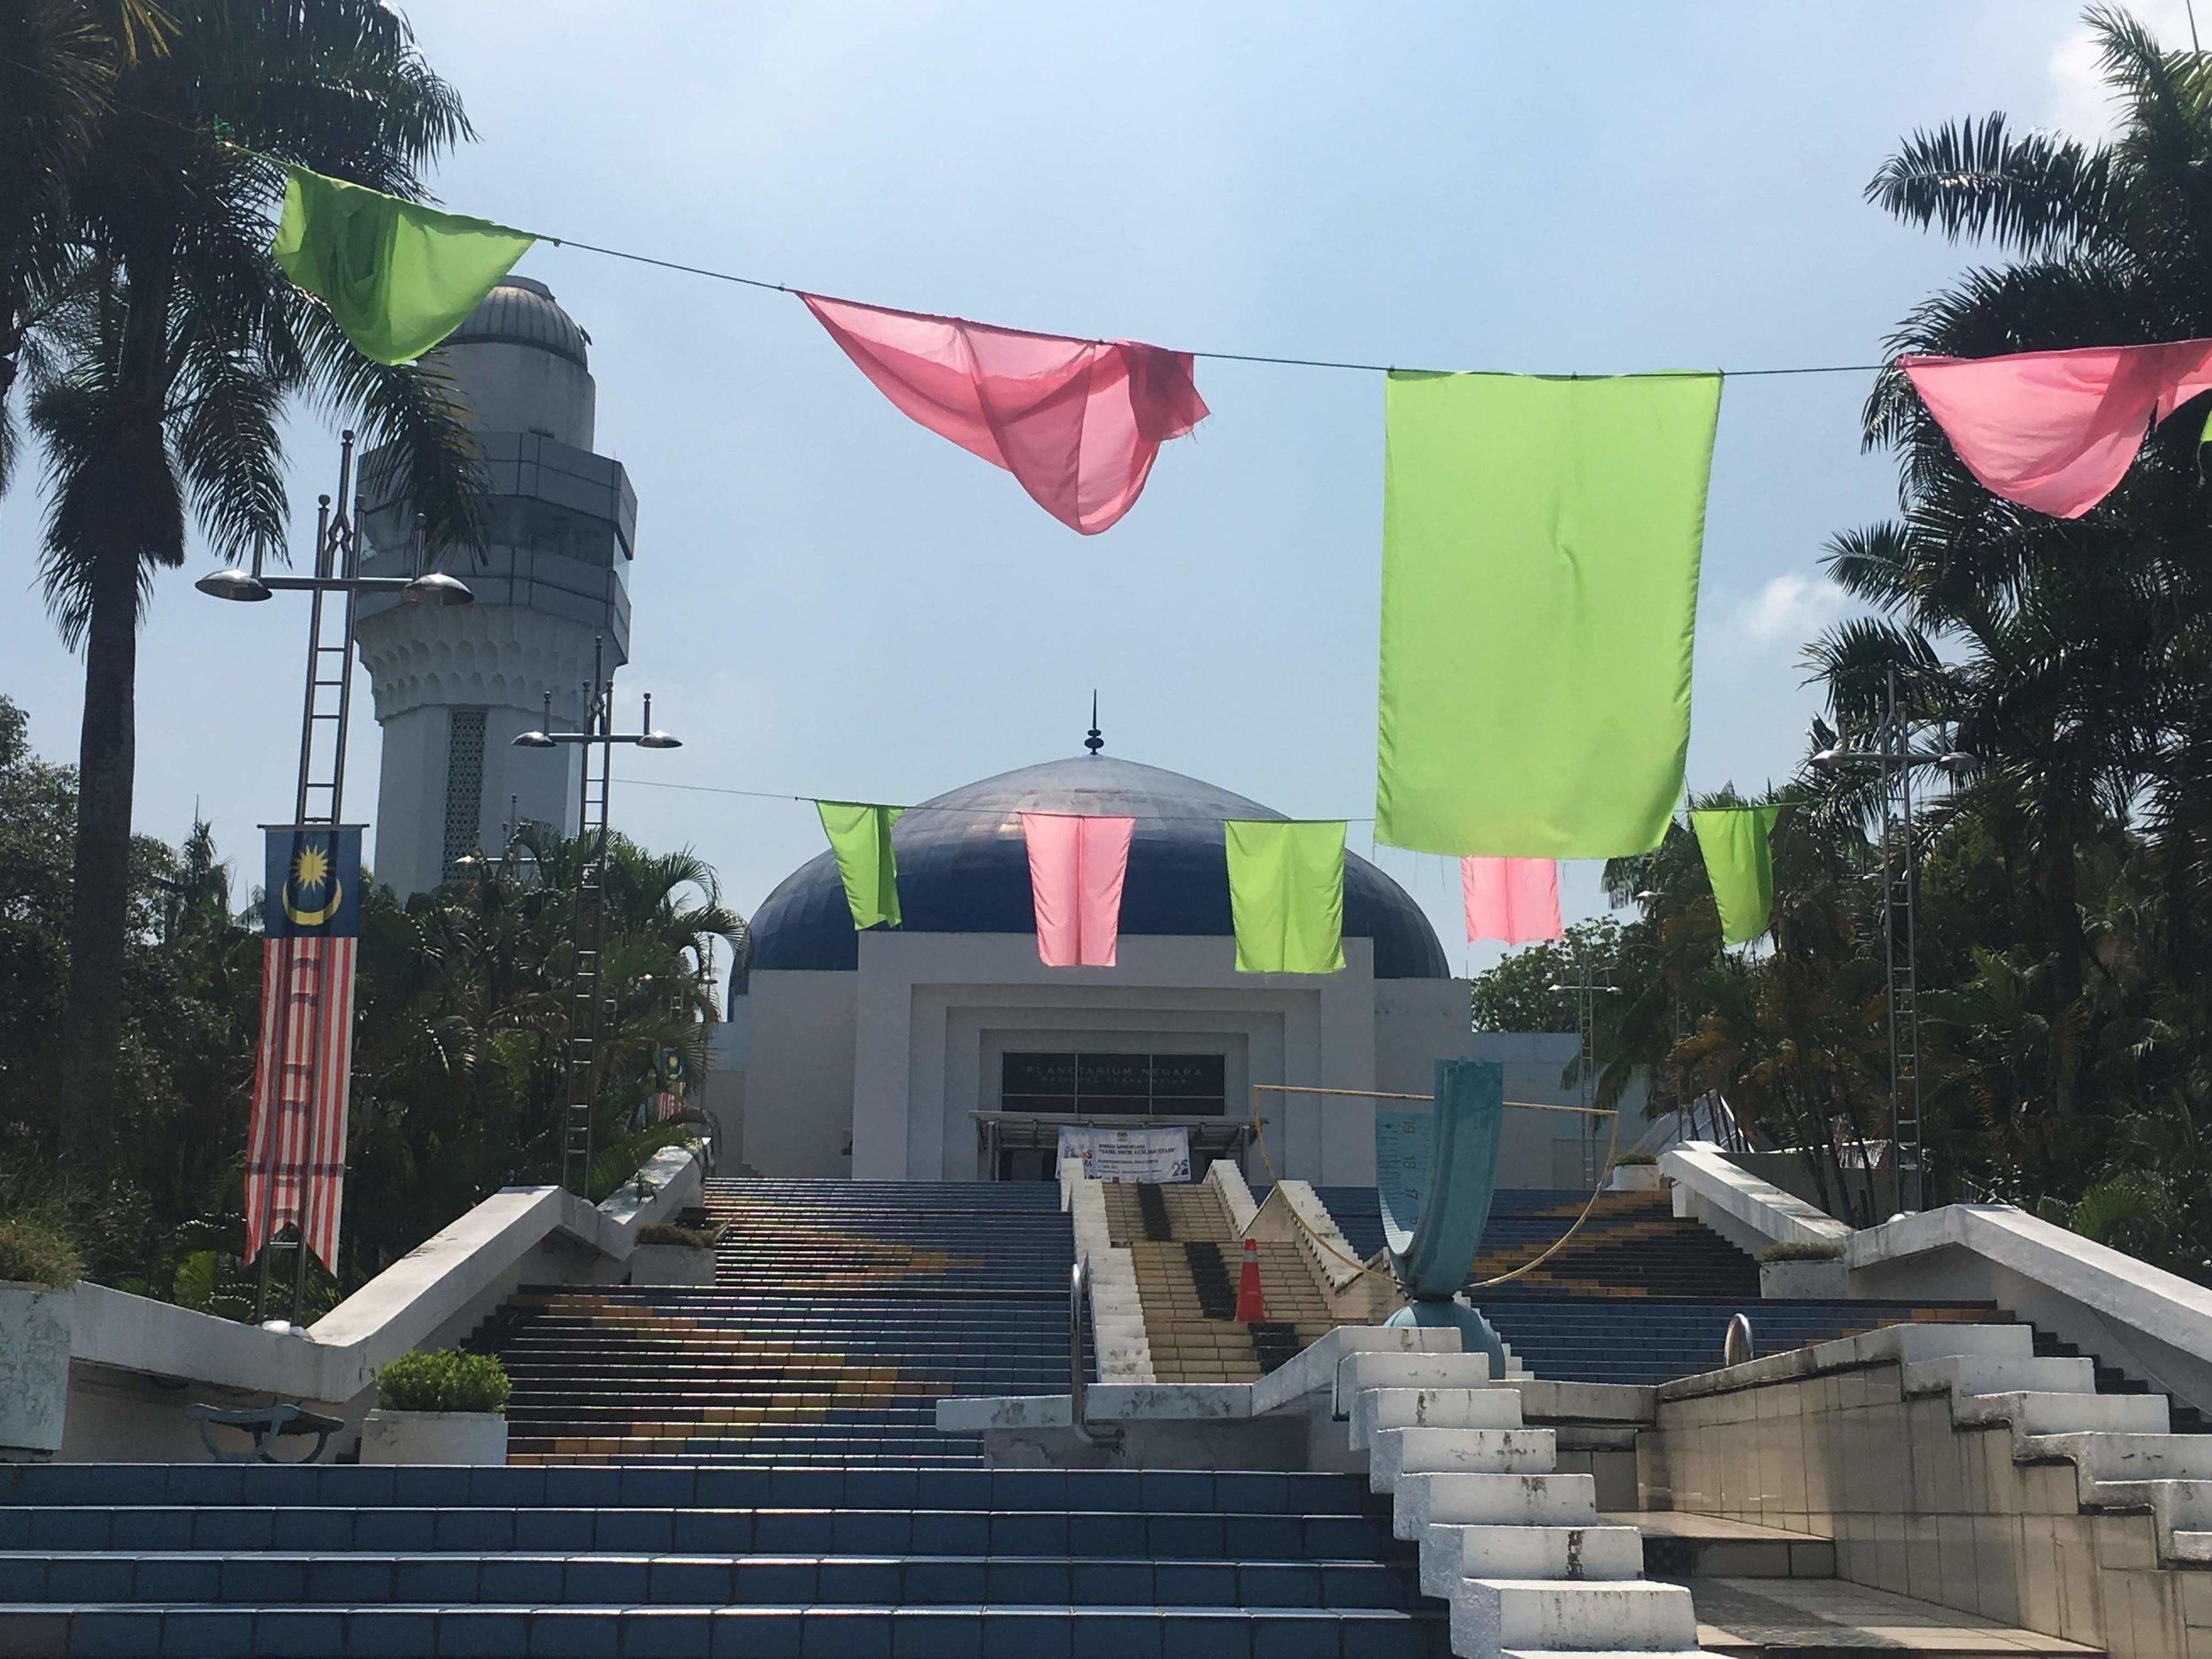 the National Planetarium of Malaysia in Kuala Lumpur